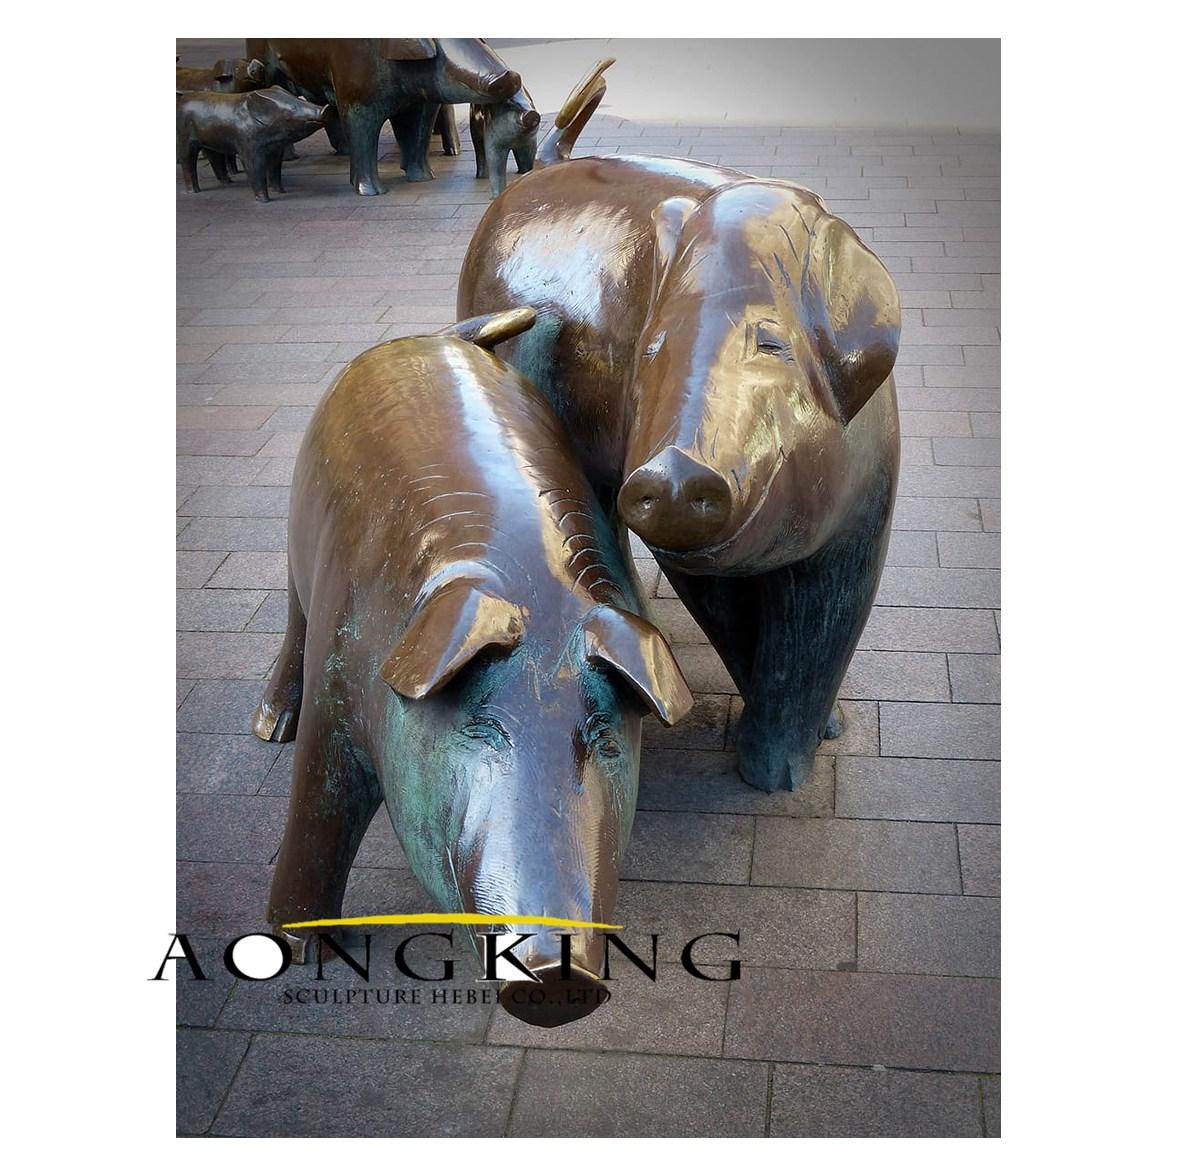 Sculpture pigs bronze art